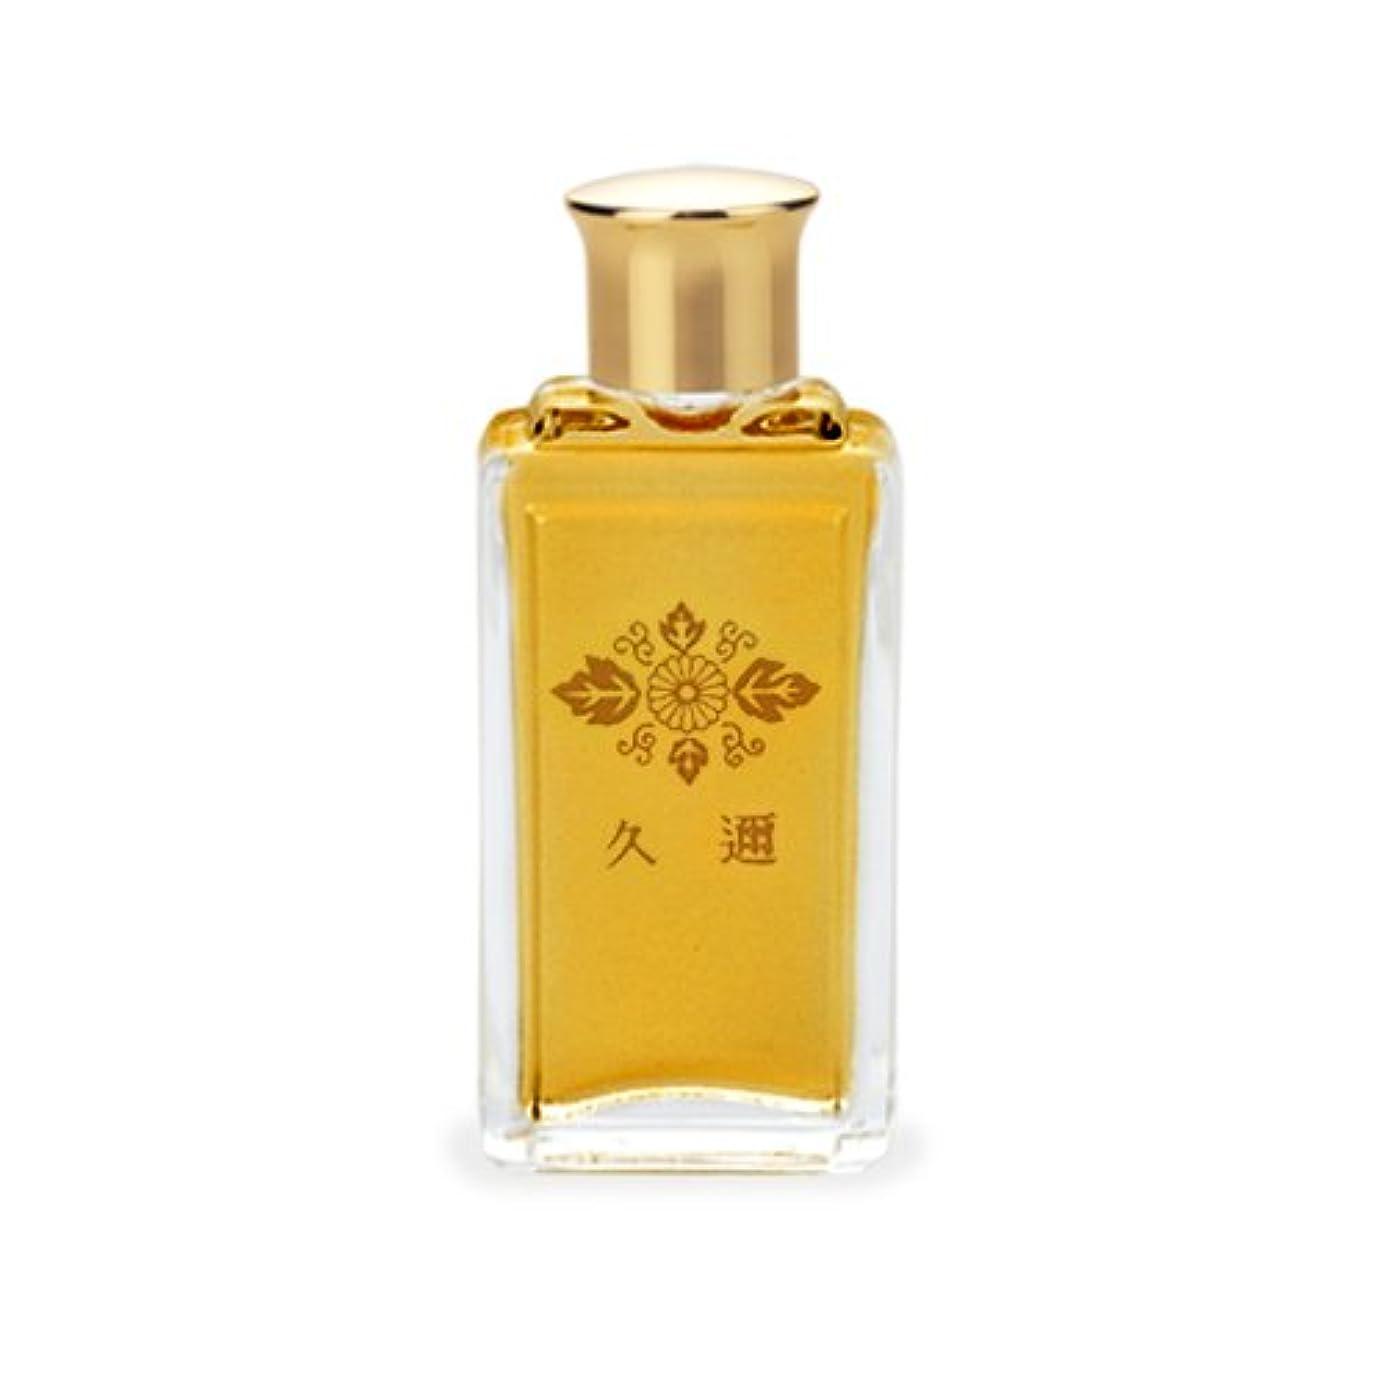 援助さまよう融合久邇香水 ジャスミンR3